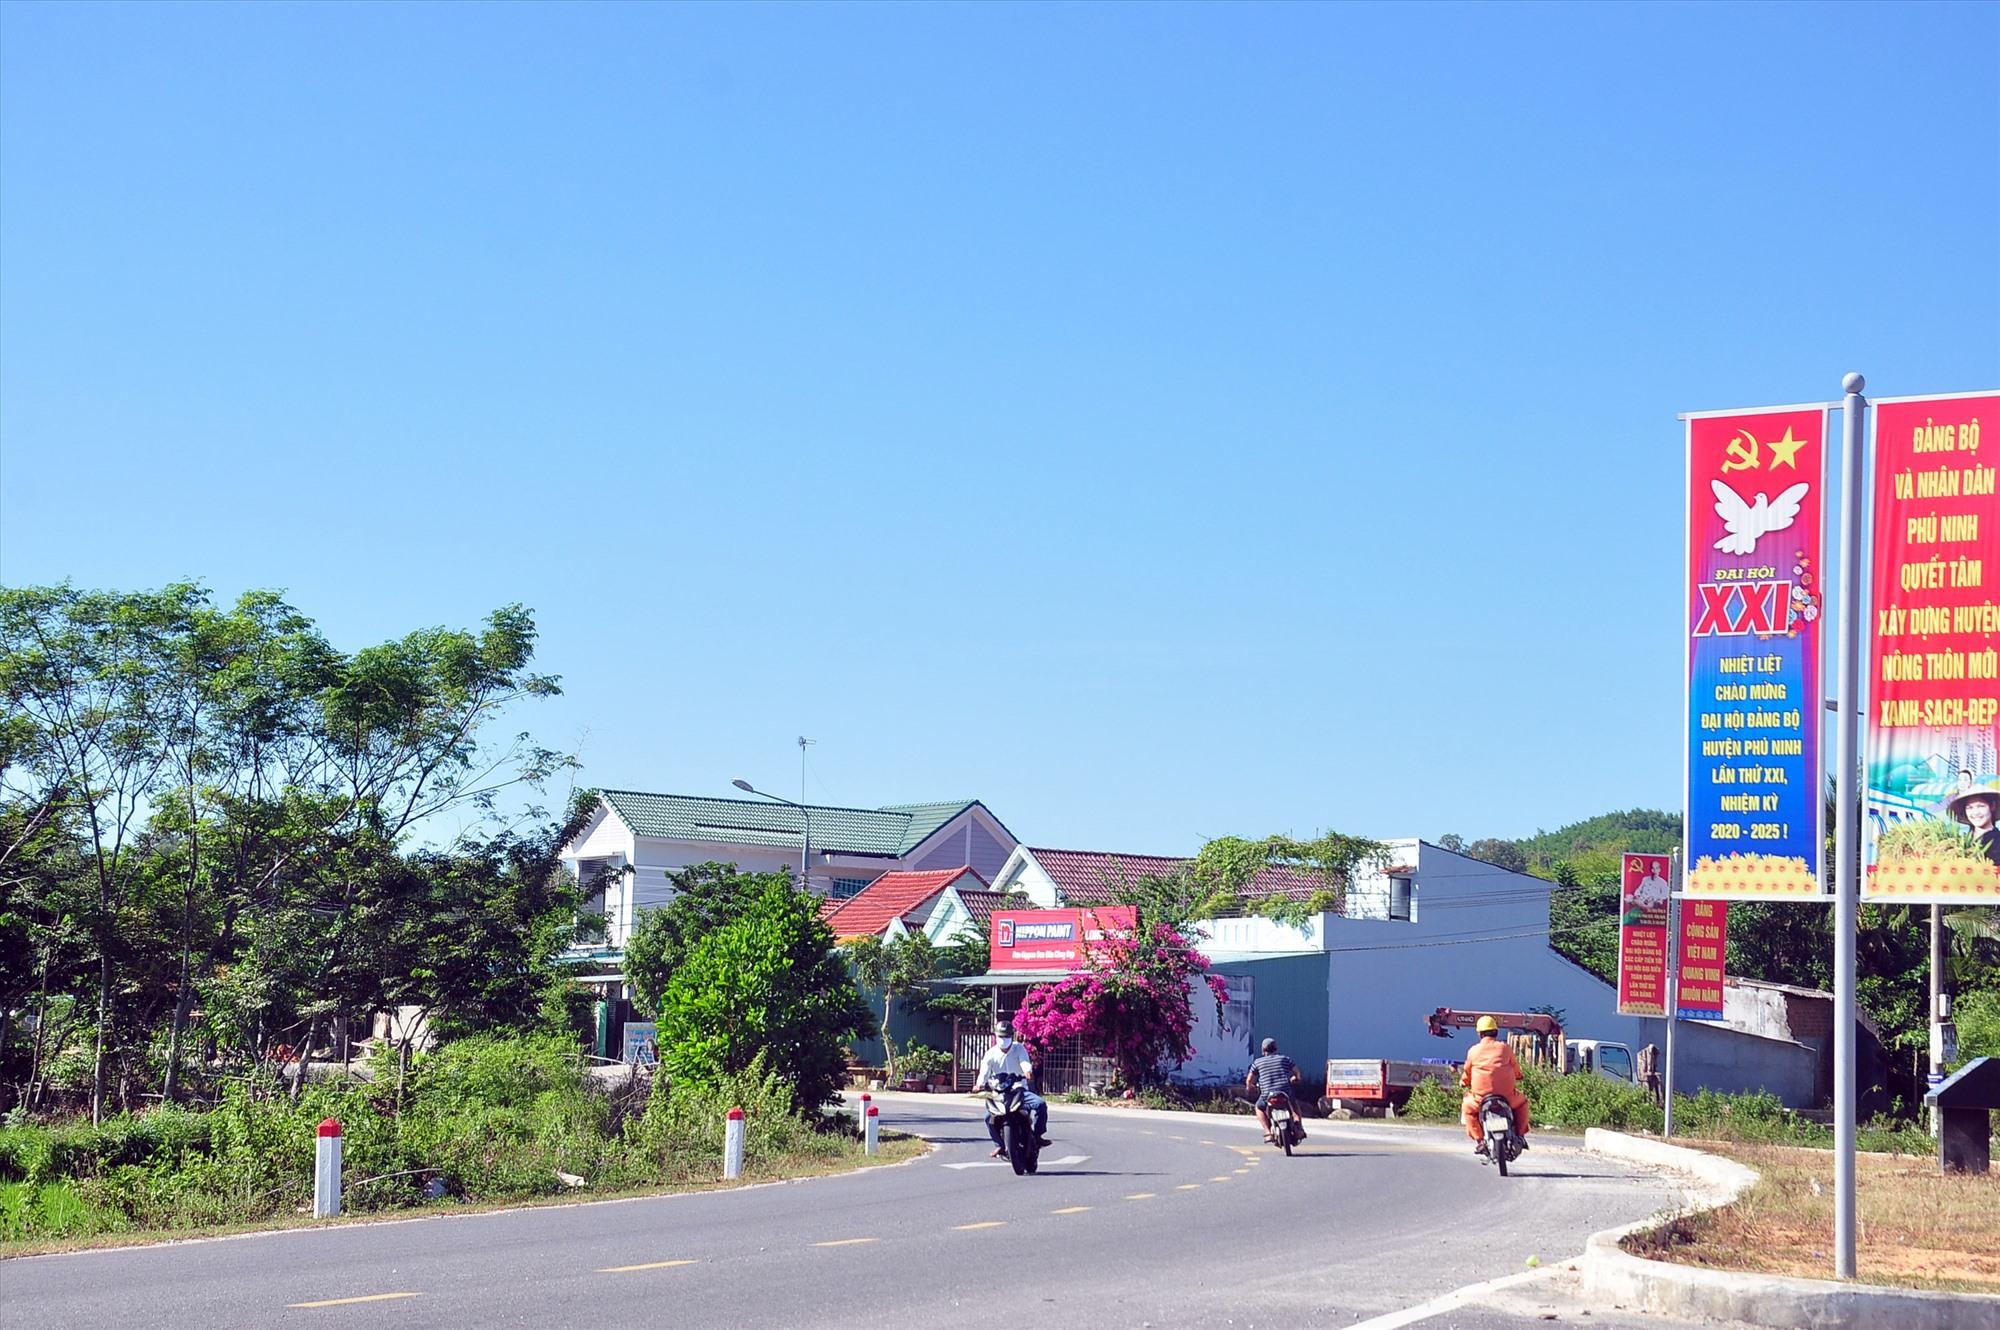 Phú Ninh phấn đấu xây dựng huyện đạt chuẩn nông thôn mới kiểu mẫu trong 5 năm đến. Ảnh: VINH ANH